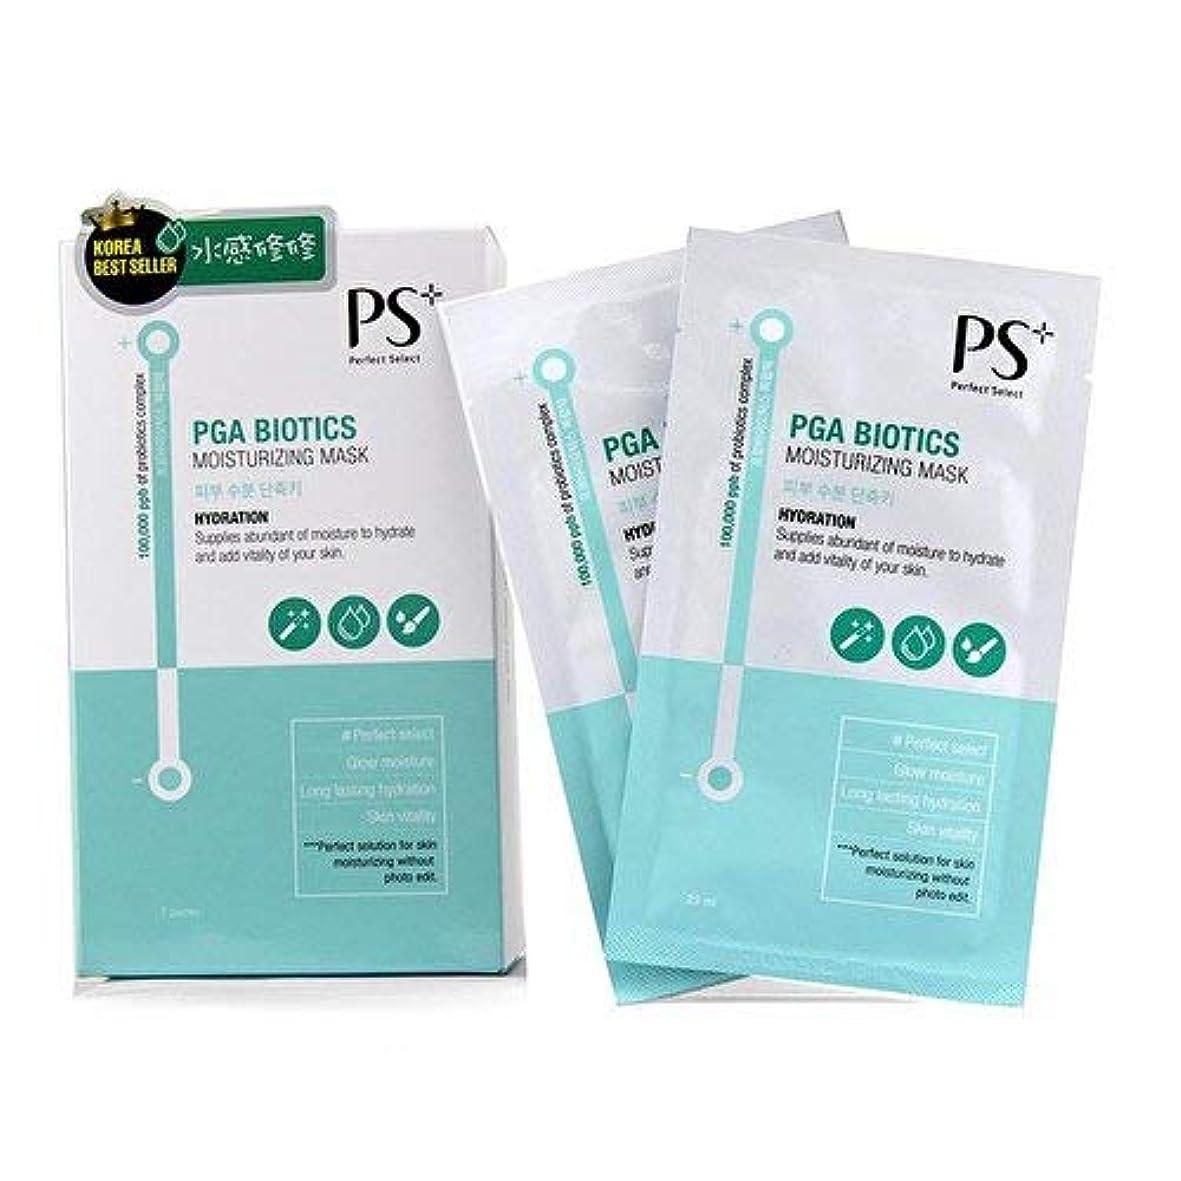 トムオードリース入口つかむPS Perfect Select PGA Biotics Moisturizing Mask - Hydration 7pcs並行輸入品